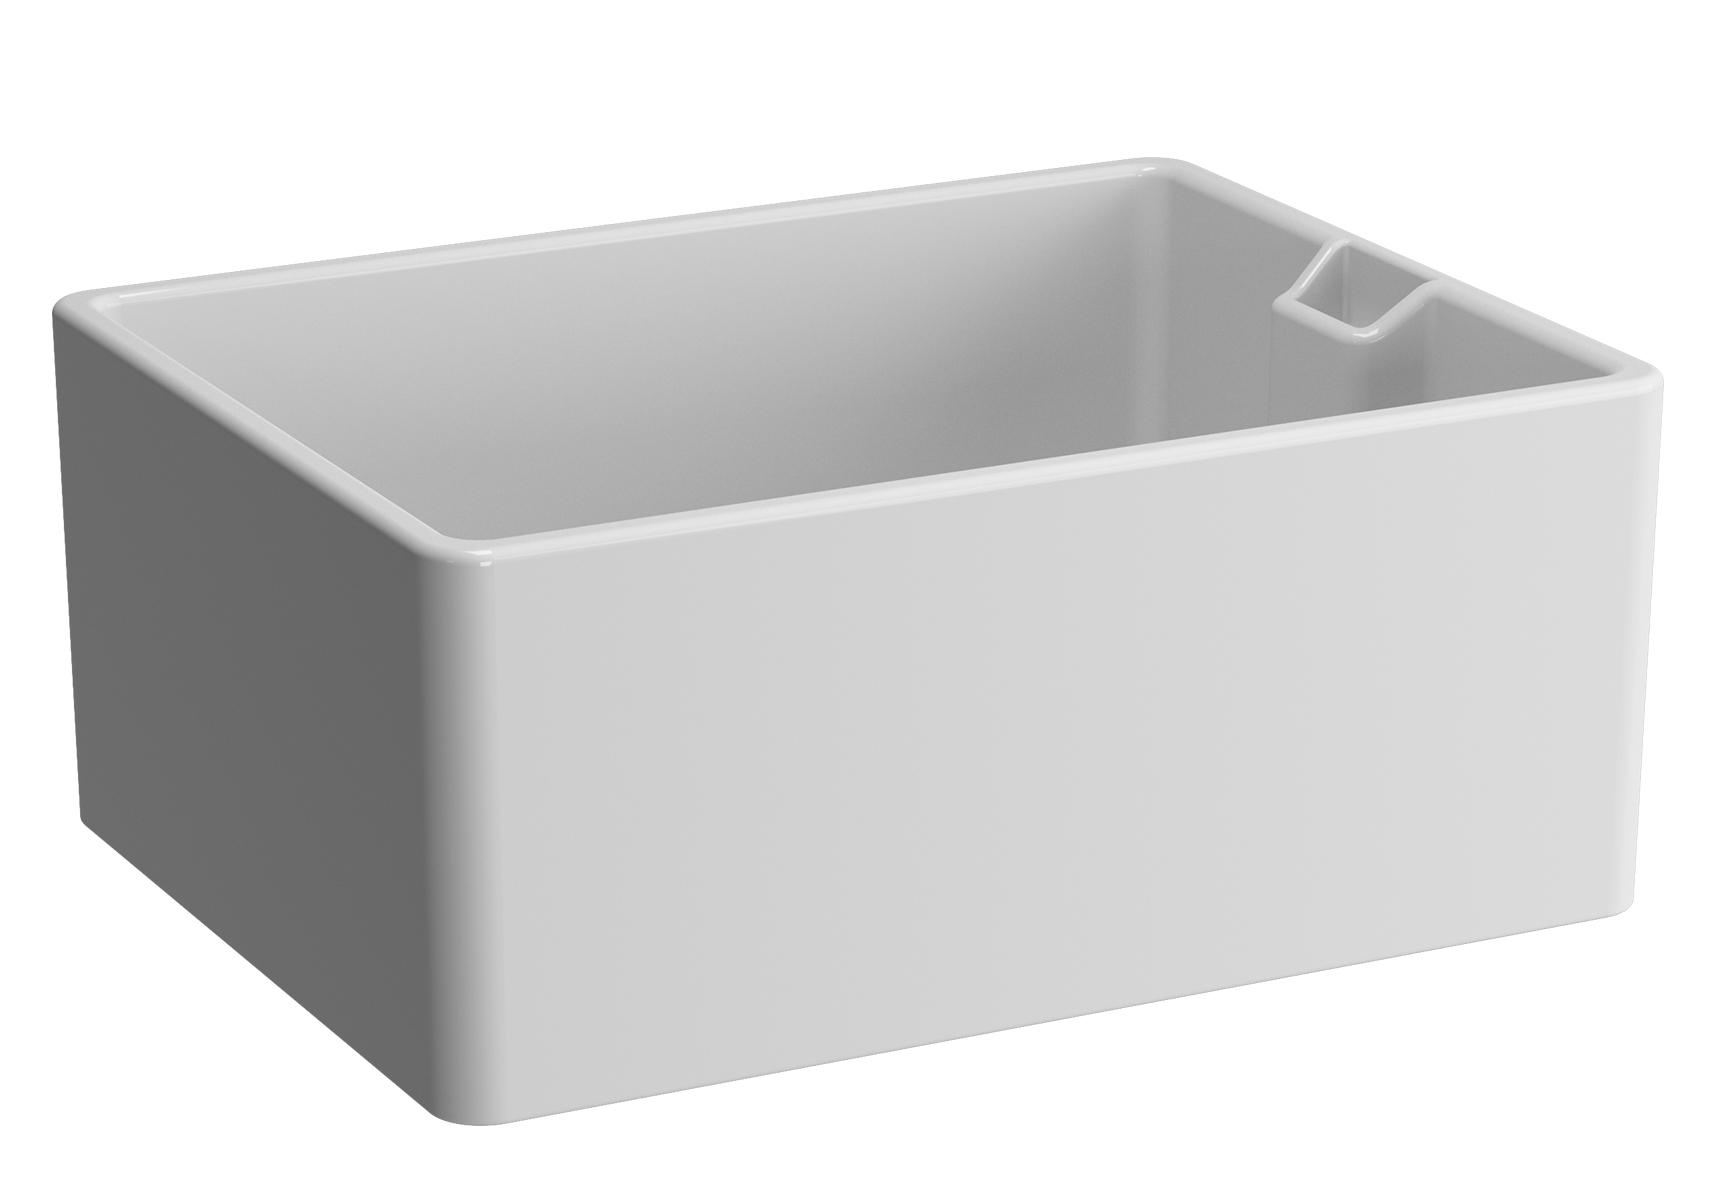 Arkitekt evier cuisine, sans plage de robinetterie, avec trop-plein, 59,5 cm